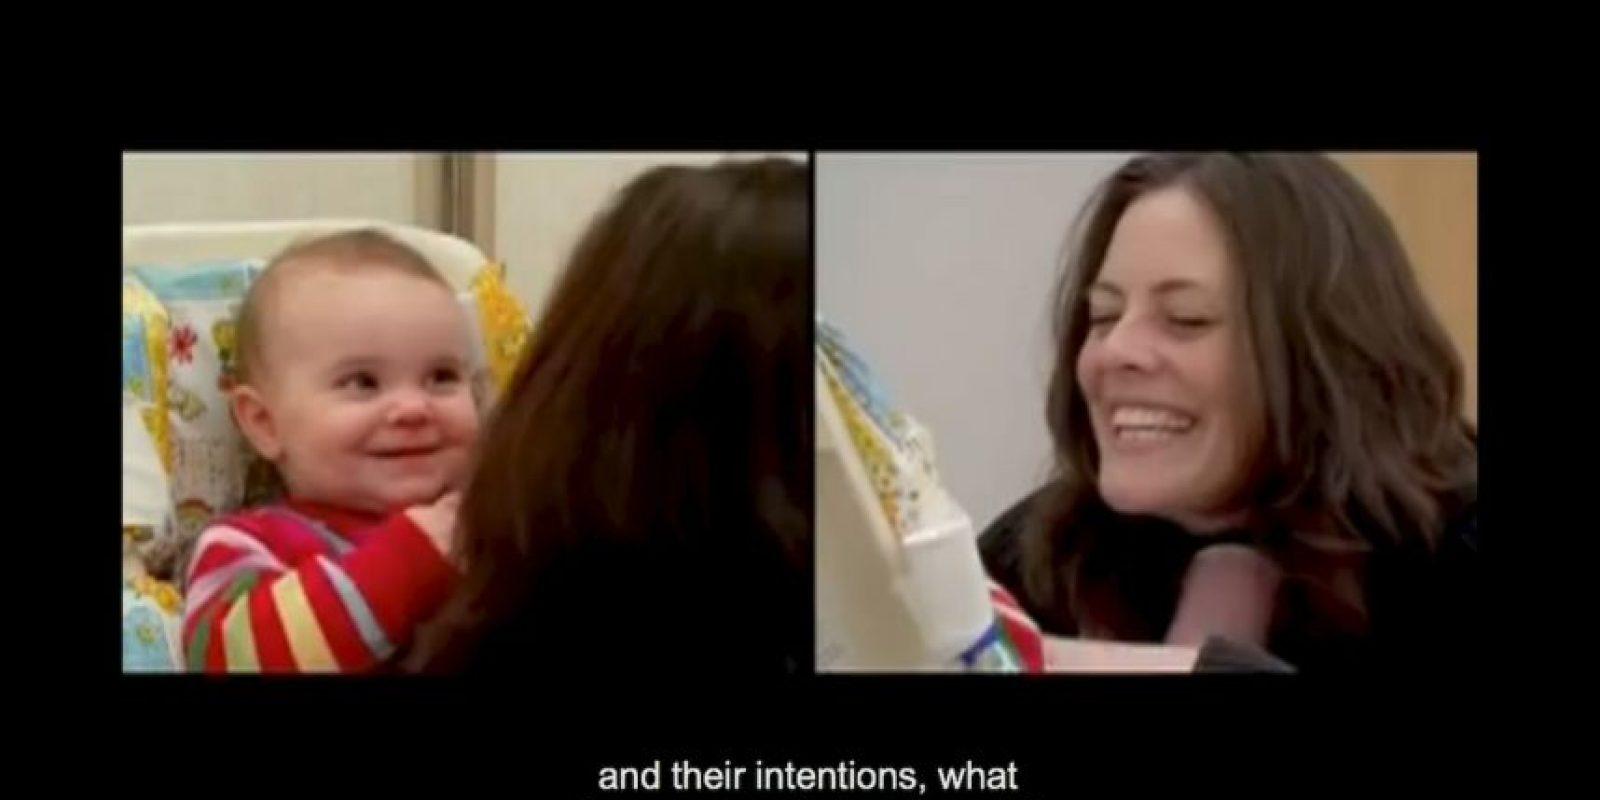 Este experimento ha demostrado que los niños necesitan atención Foto:Captura de Pantalla UMass